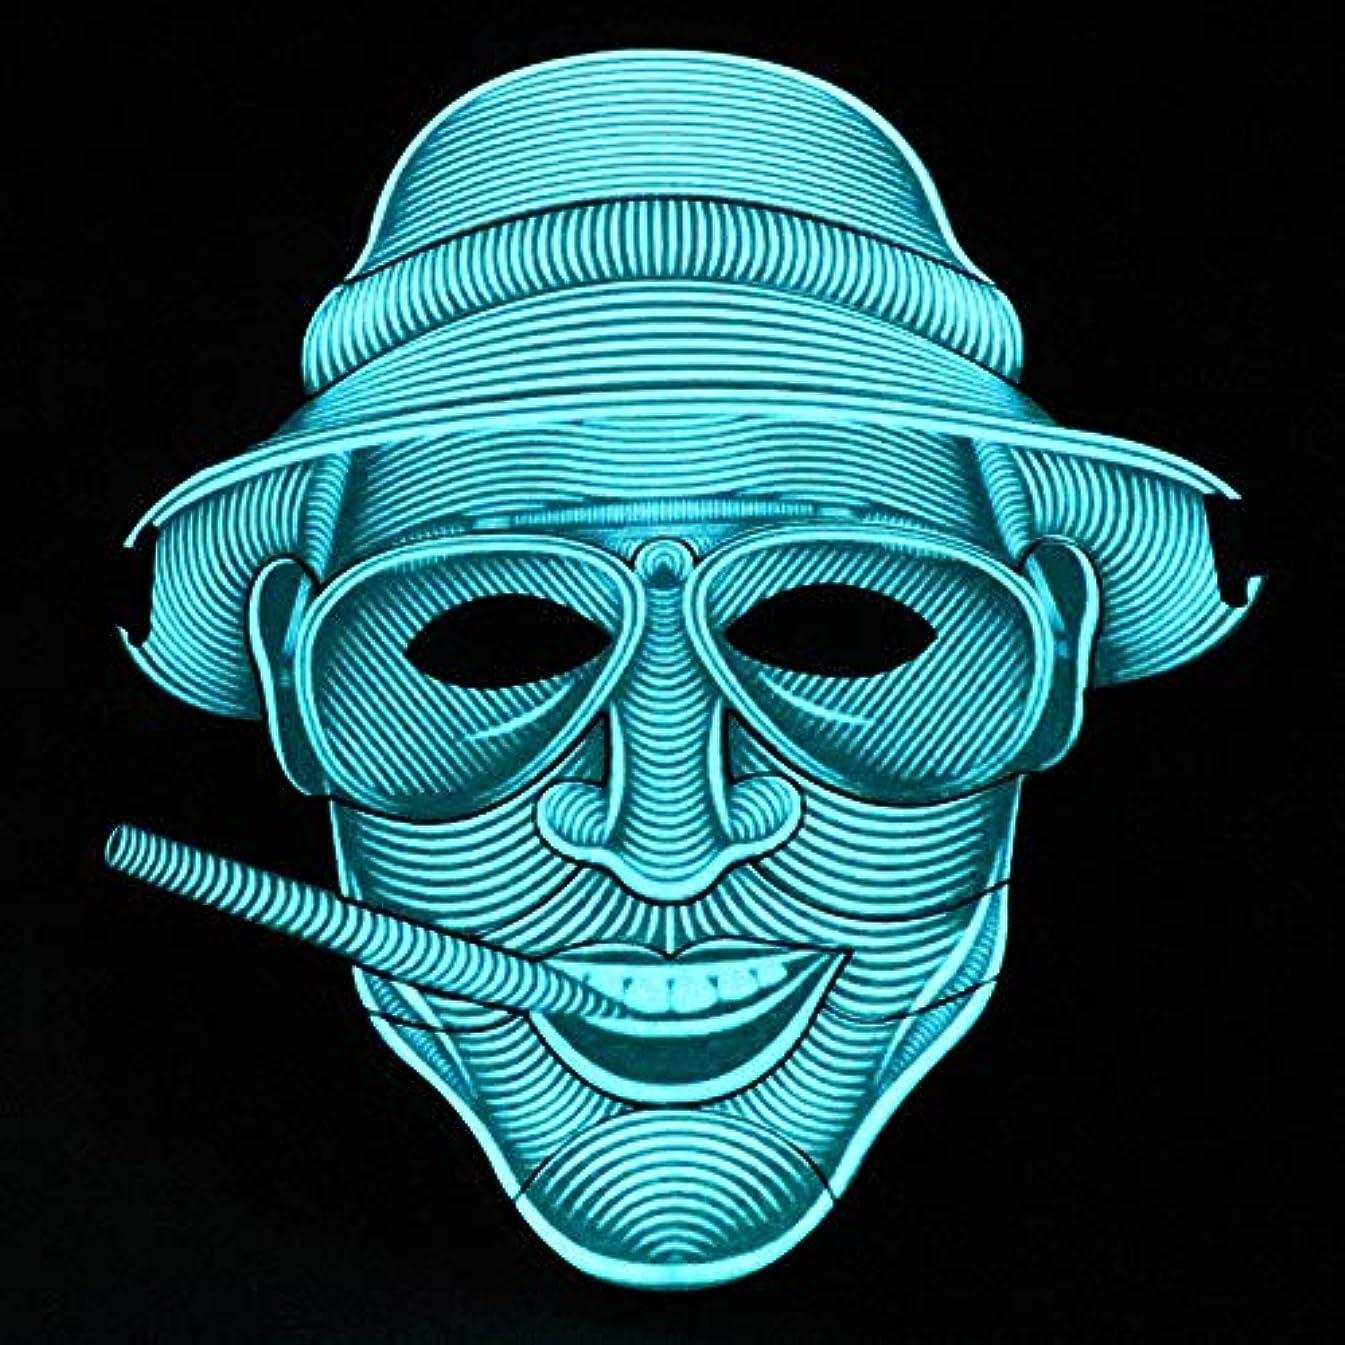 終点目覚める強調照らされたマスクLED創造的な冷光音響制御マスクハロウィンバーフェスティバルダンスマスク (Color : #6)